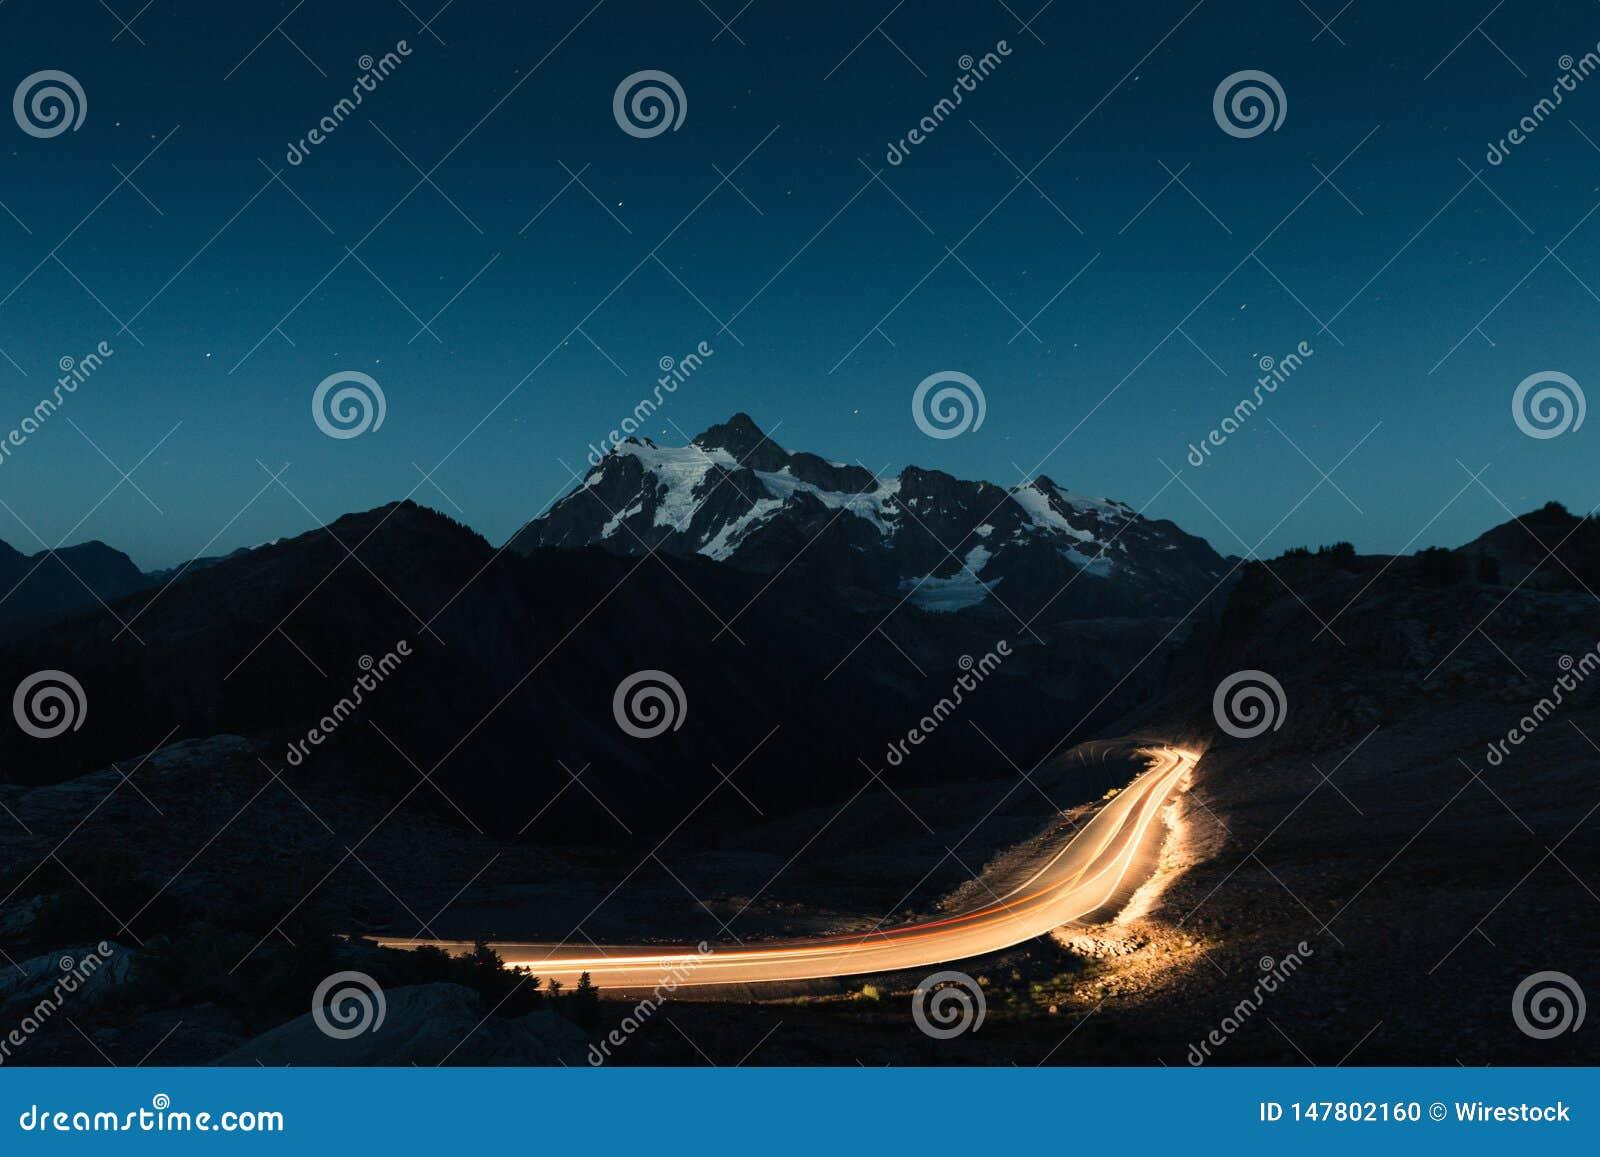 Zadziwiający nocne niebo z śnieżne skaliste góry w środku i dimly zaświecającej drodze